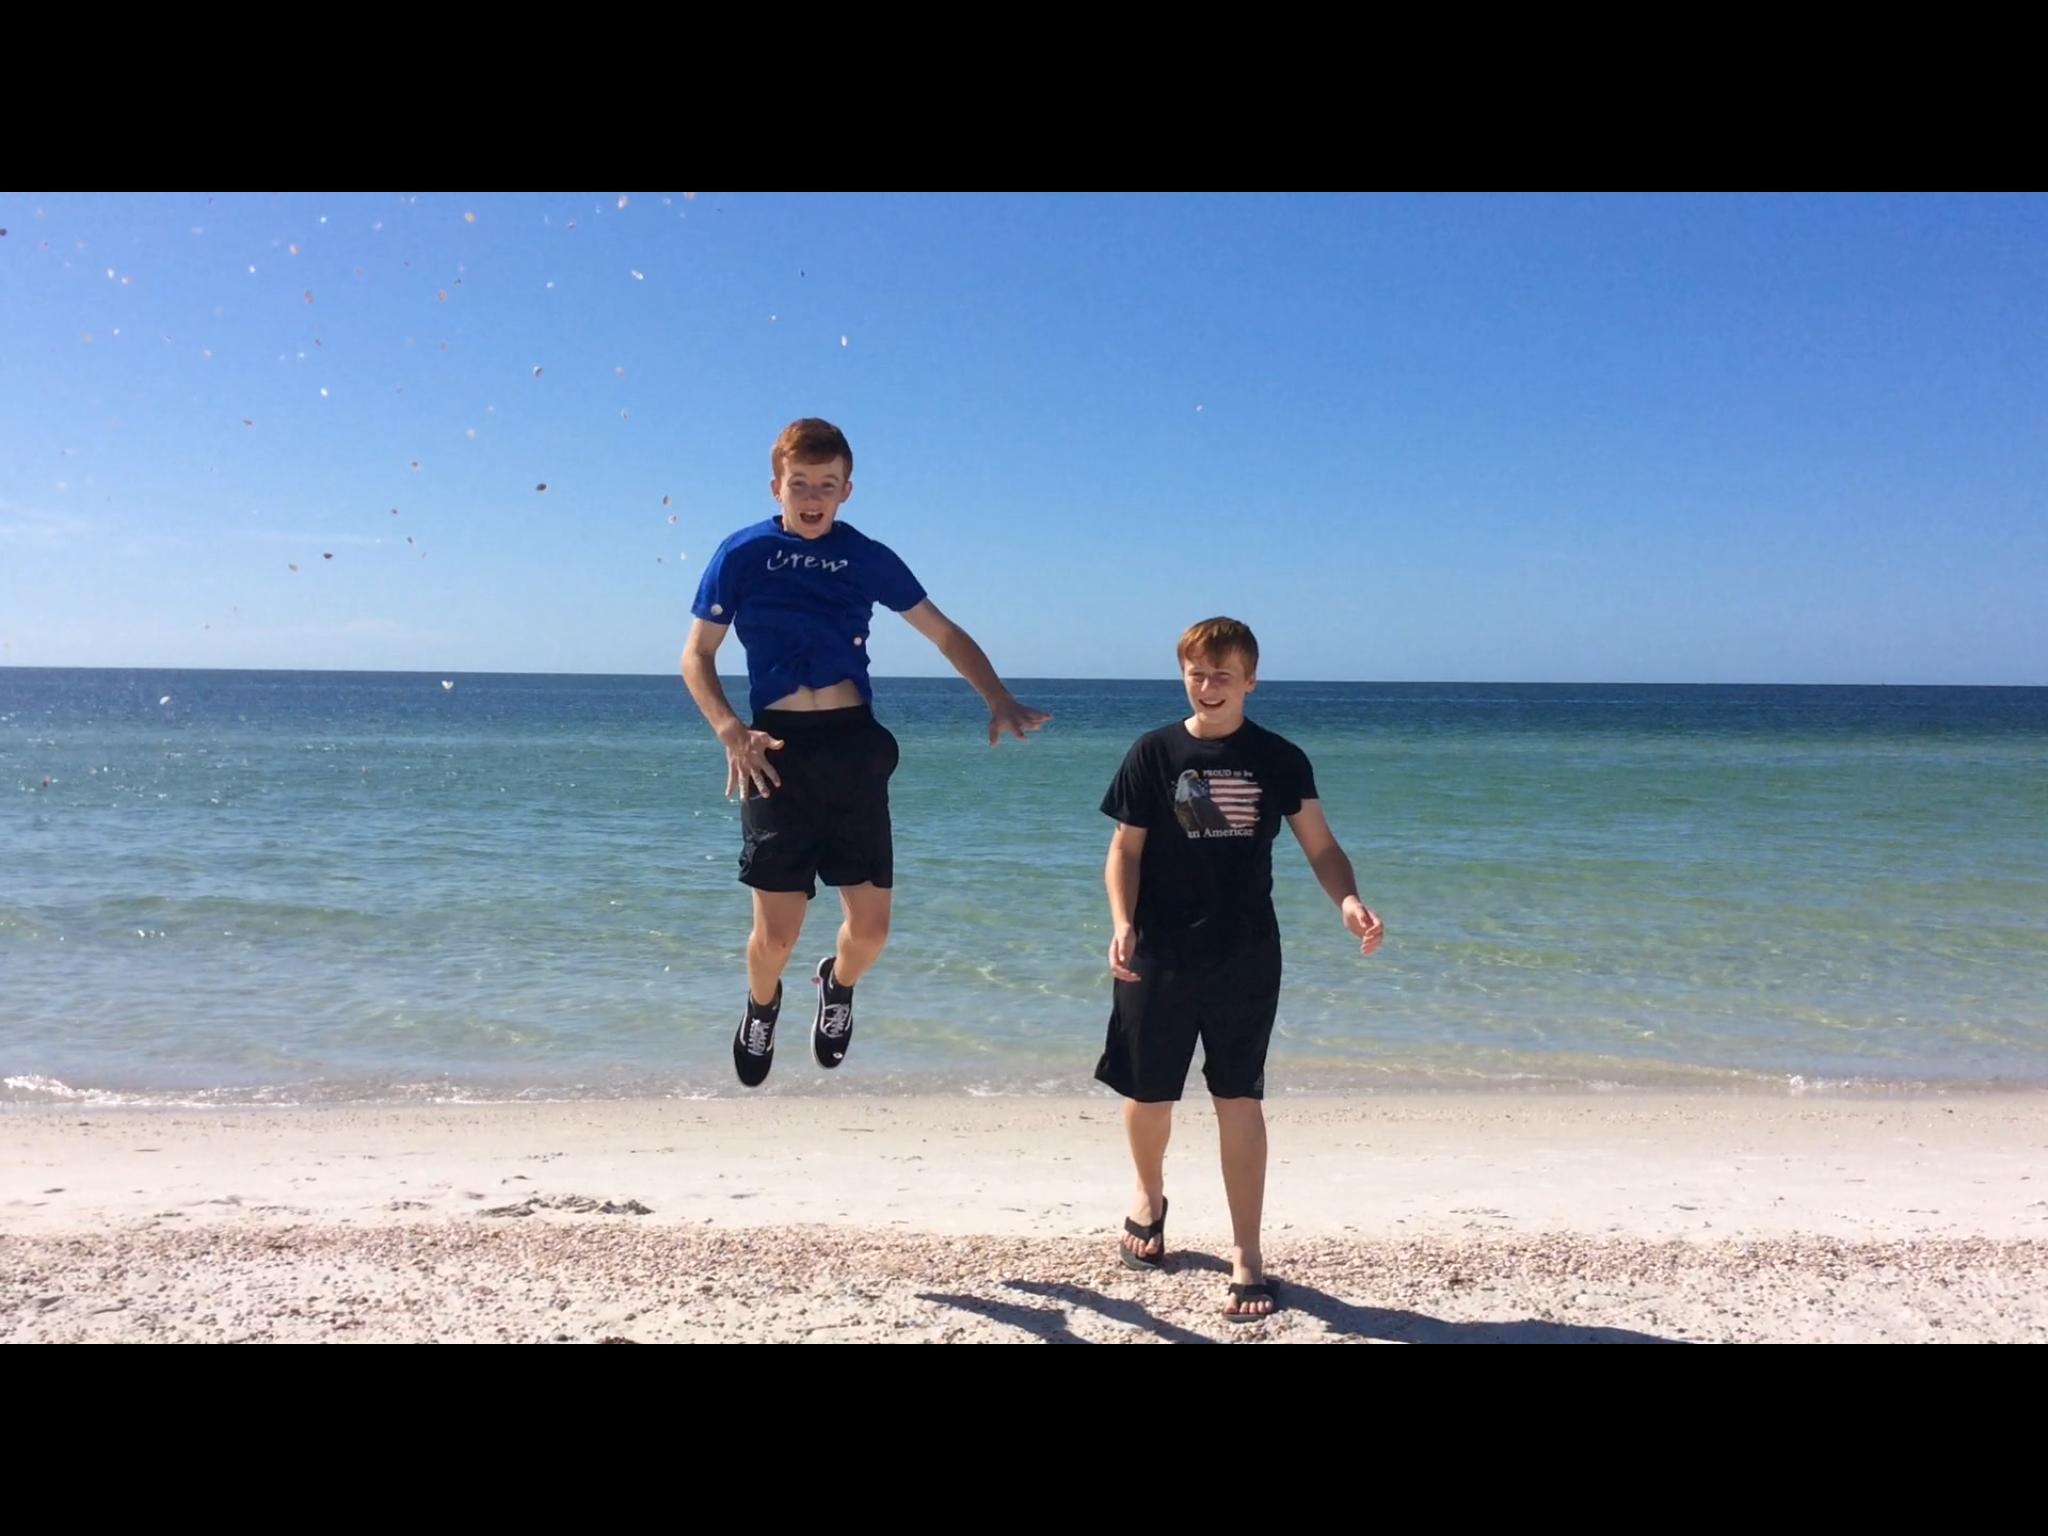 R&R at the beach, Caladesi Island, FL (Oct. 2019)